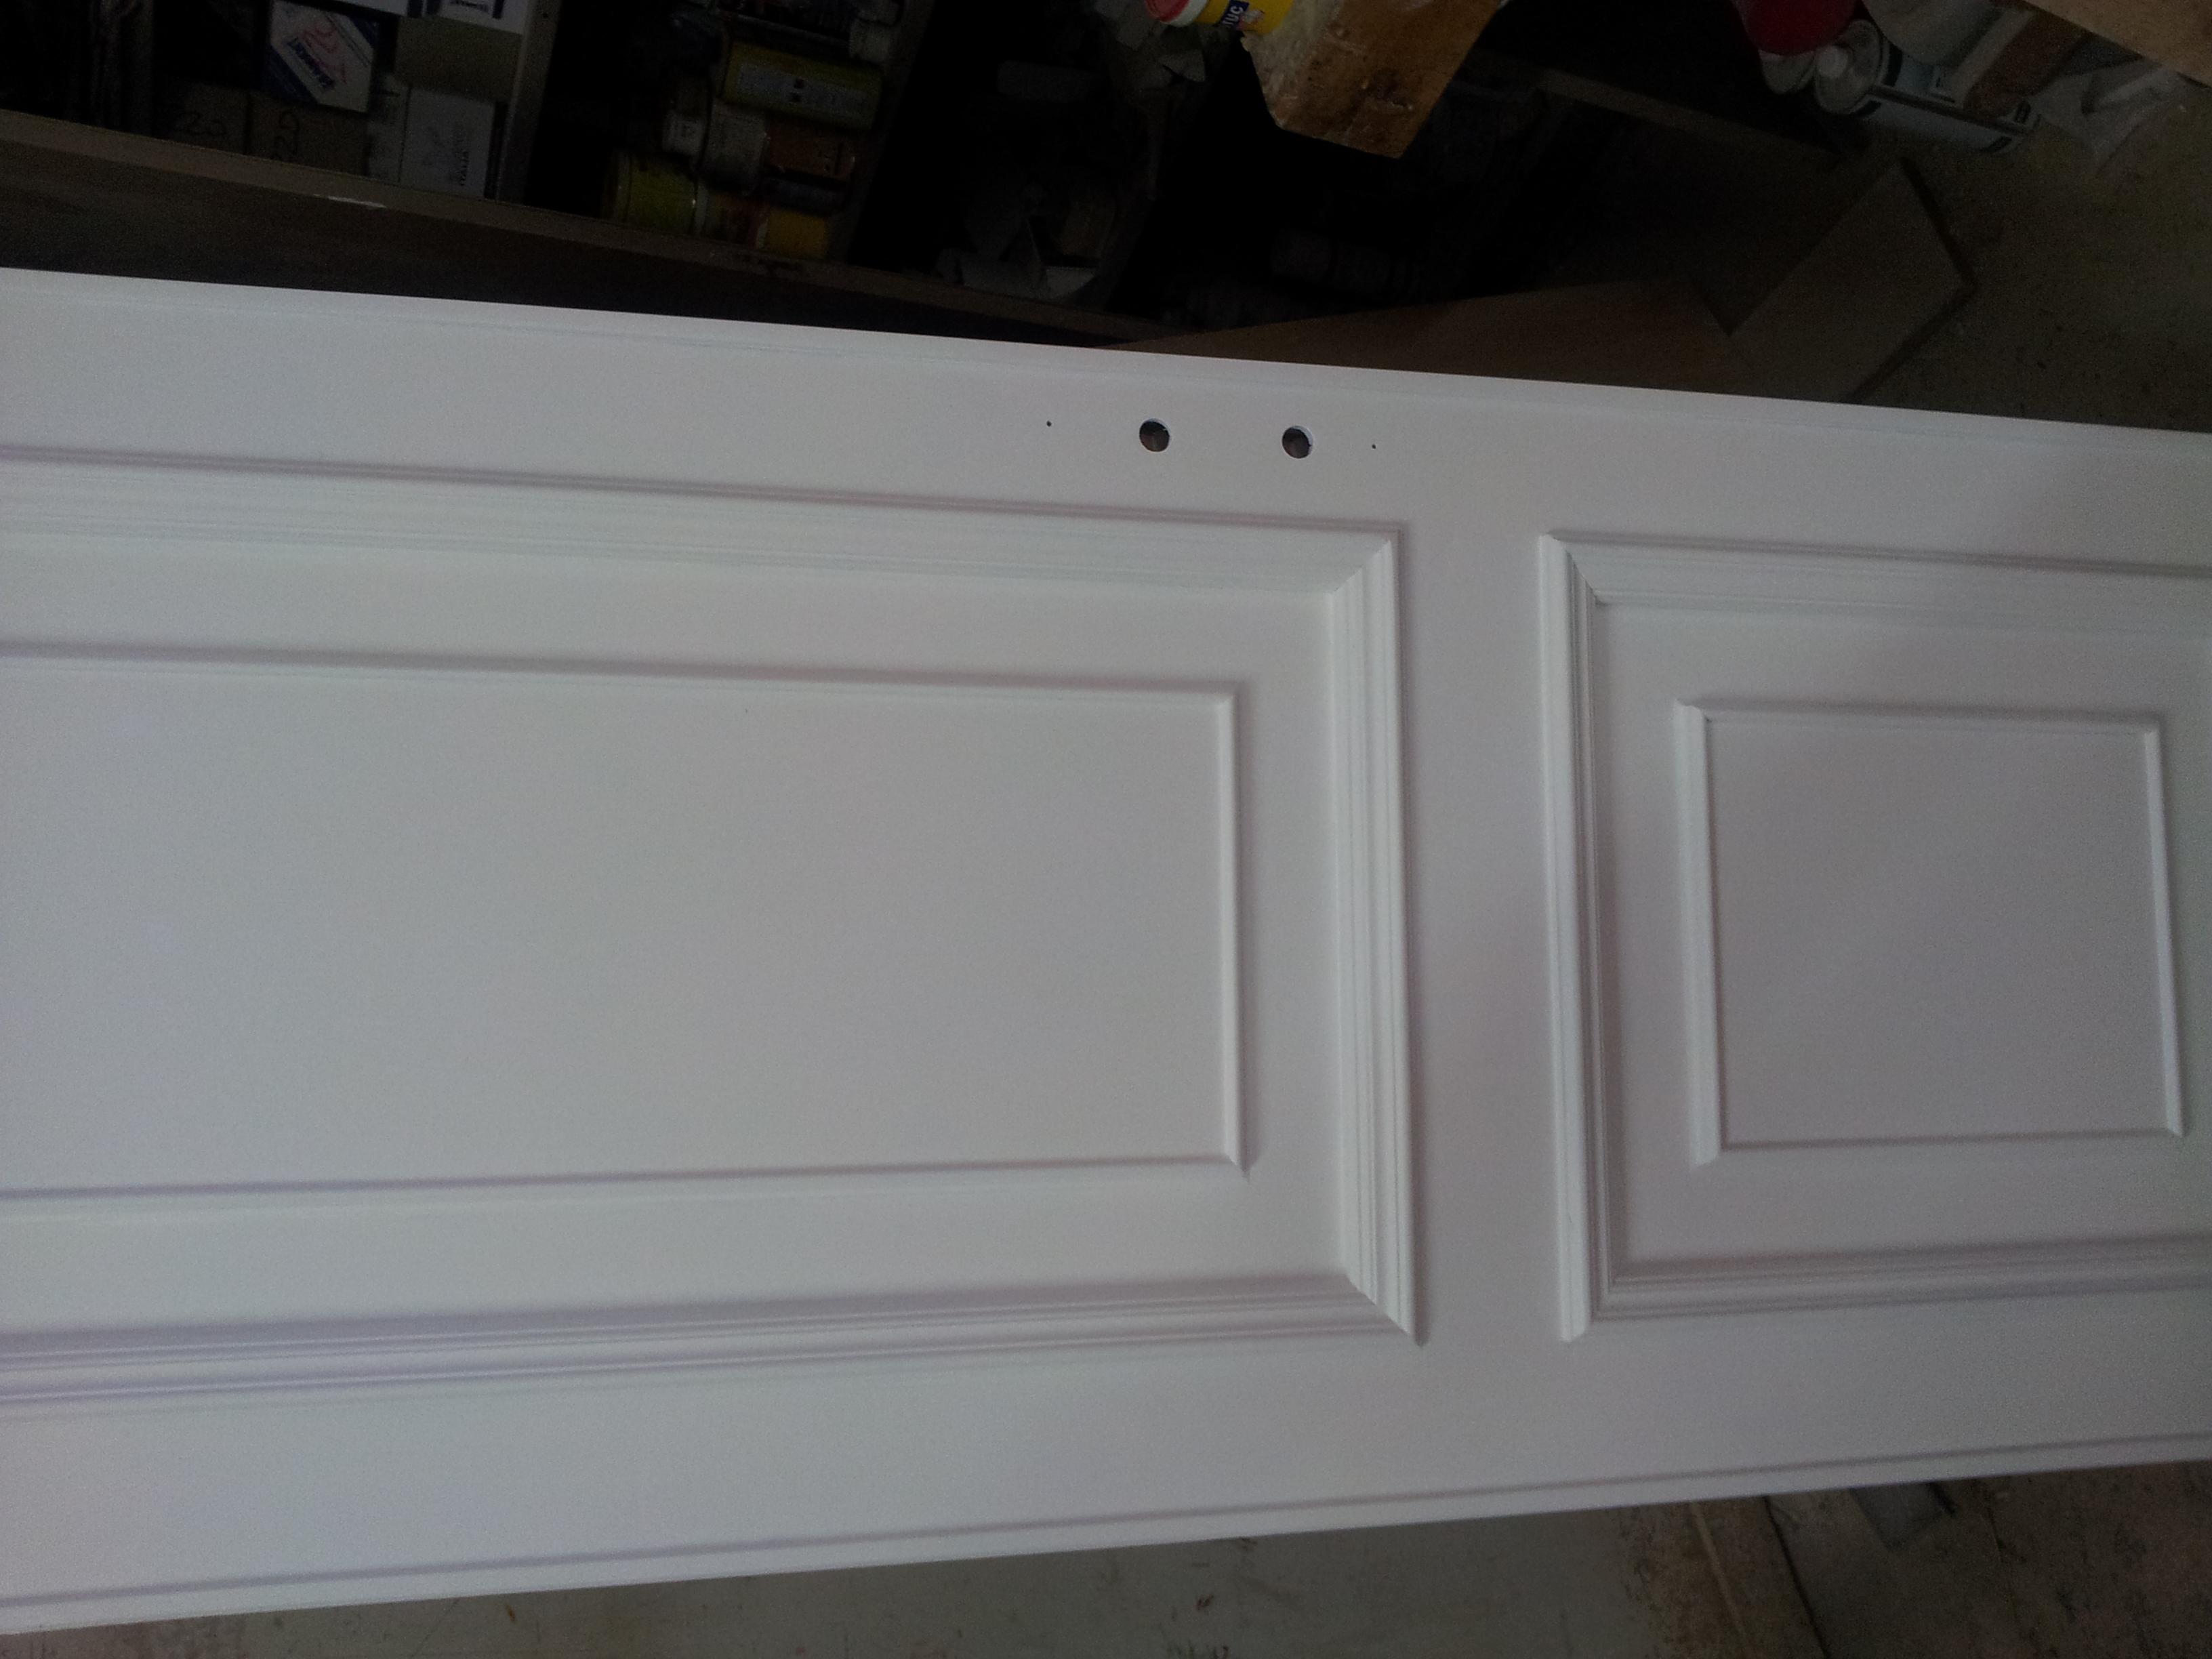 Restauro porte laccate bianche - Restauro porte in legno ...